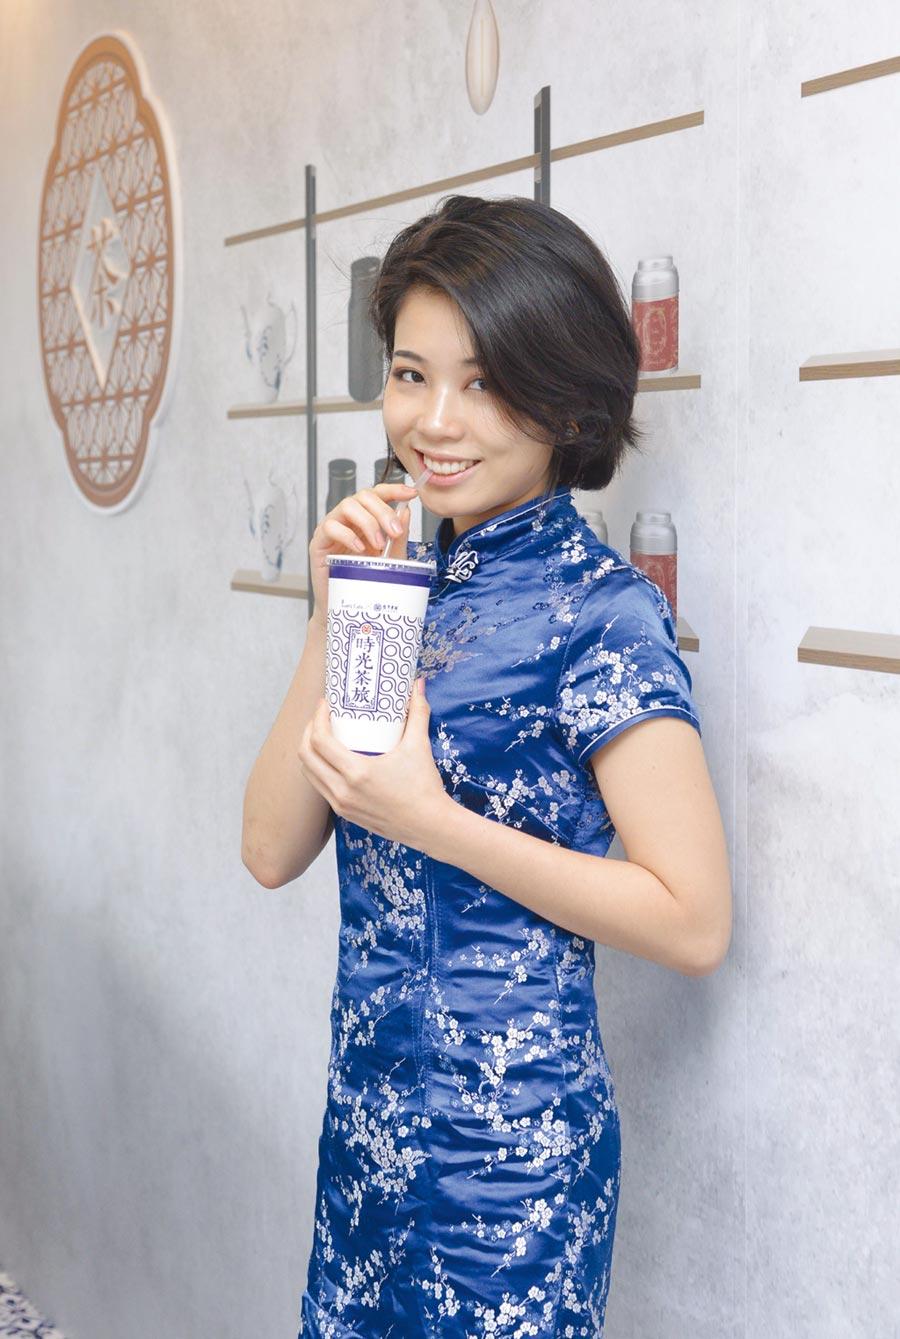 全家攜手台灣農林推出「時光茶旅」系列聯名茶飲,有「仙女紅茶」、「仙女醇奶茶」兩款中式茶飲,將於5月8日全台開賣。圖/全家提供